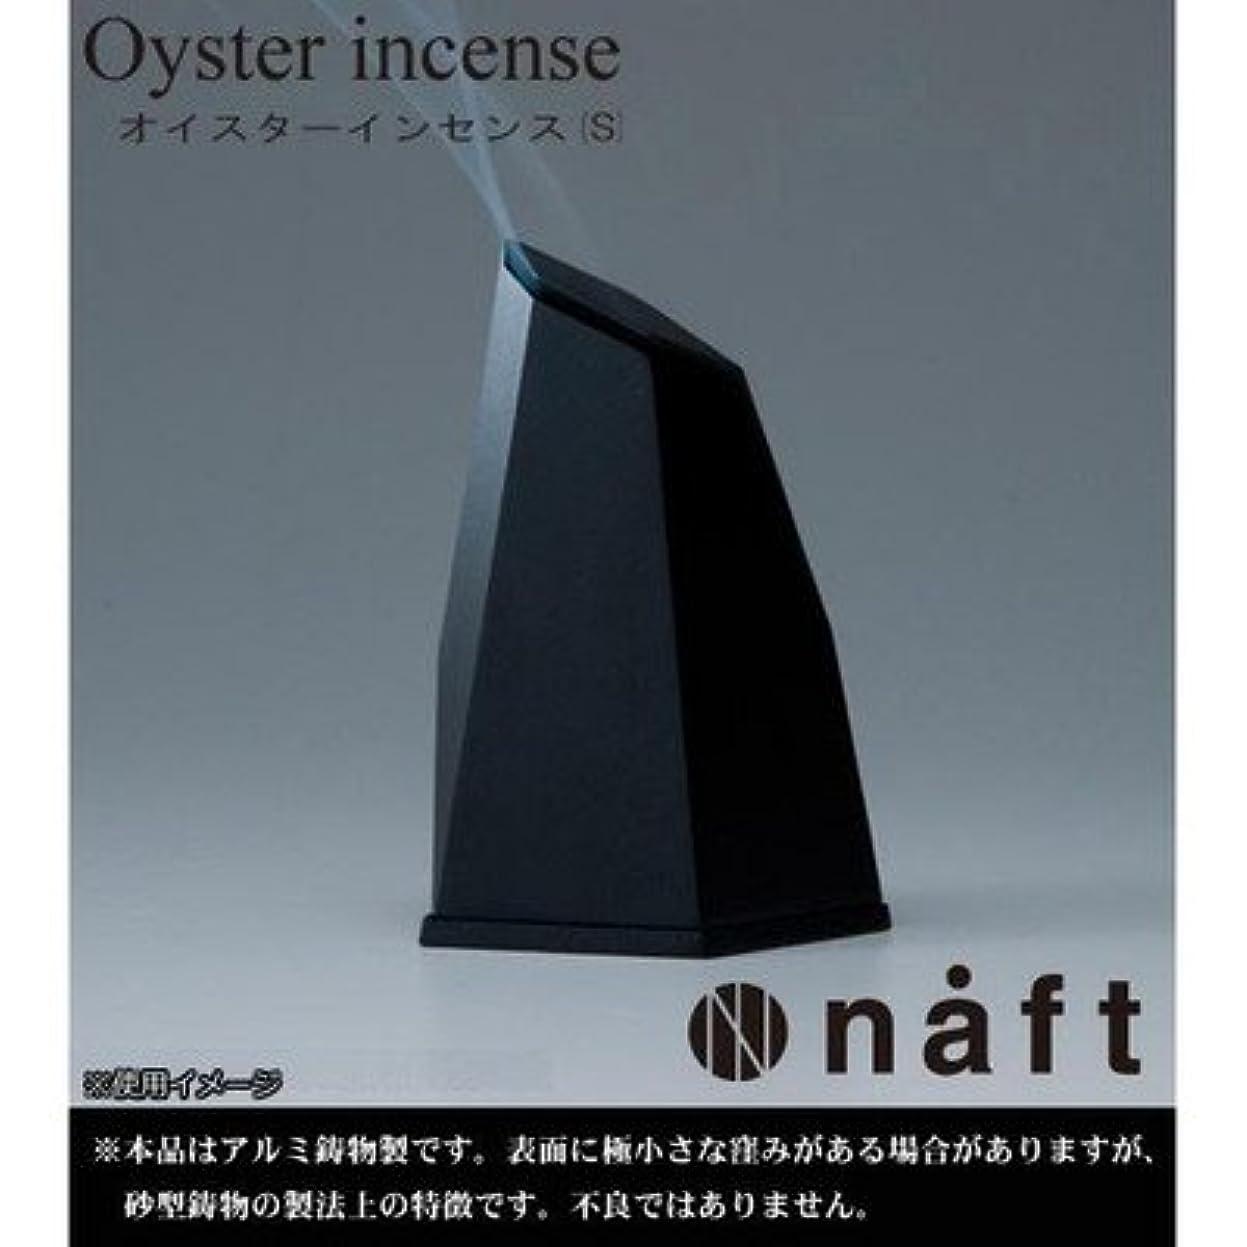 人差し指請求書添加剤シンプルだけどインパクトのあるフォルム naft Oyster incense オイスターインセンス 香炉 Sサイズ ブラック